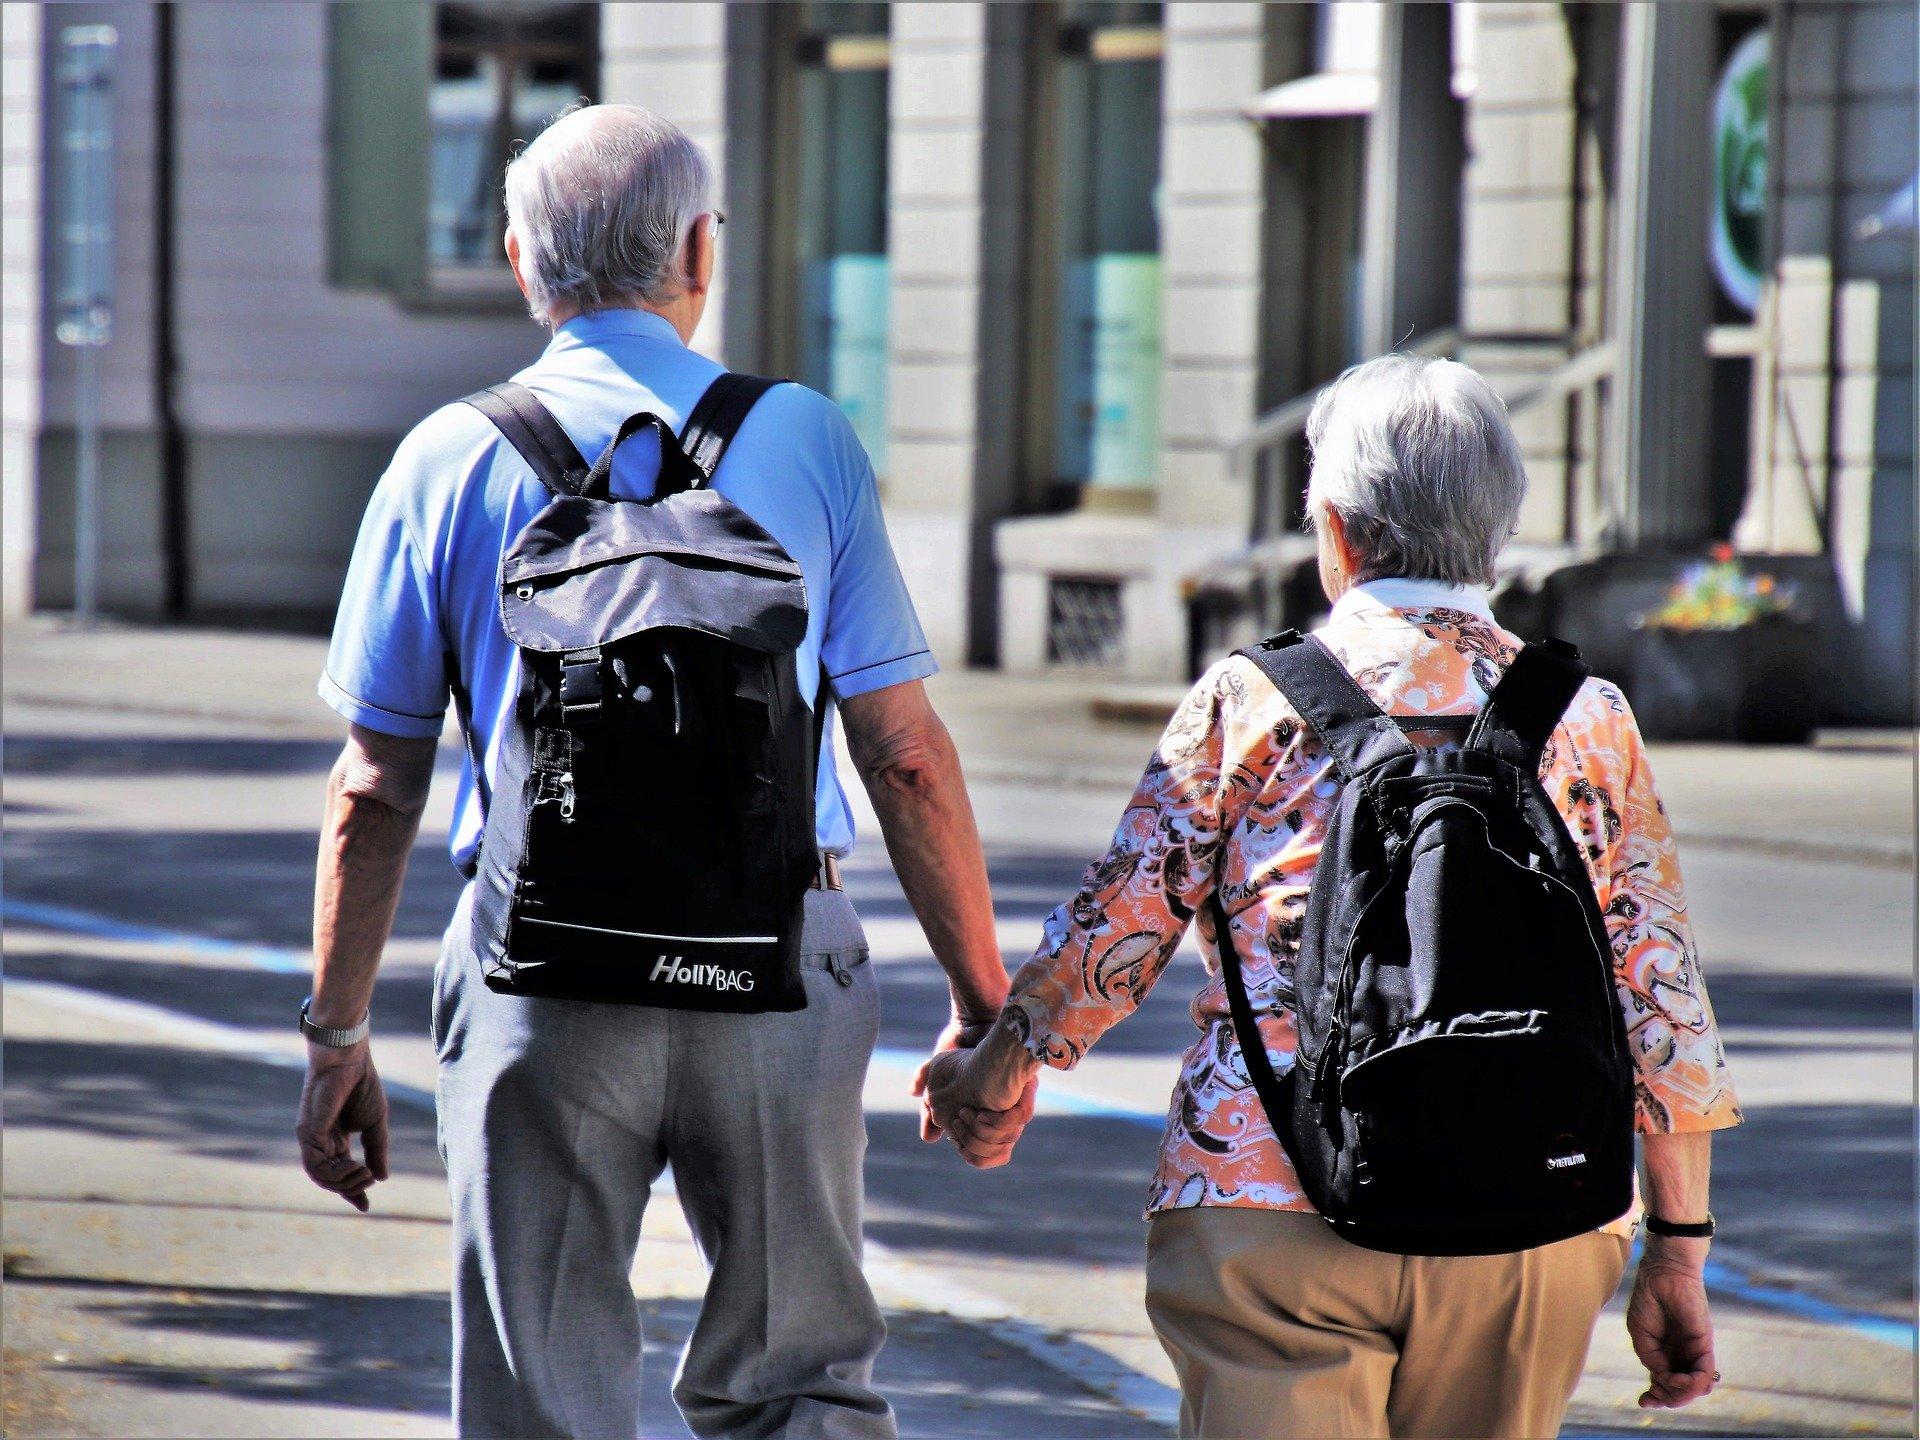 Законопроект об отсрочке повышения пенсионного возраста внесен в Госдуму